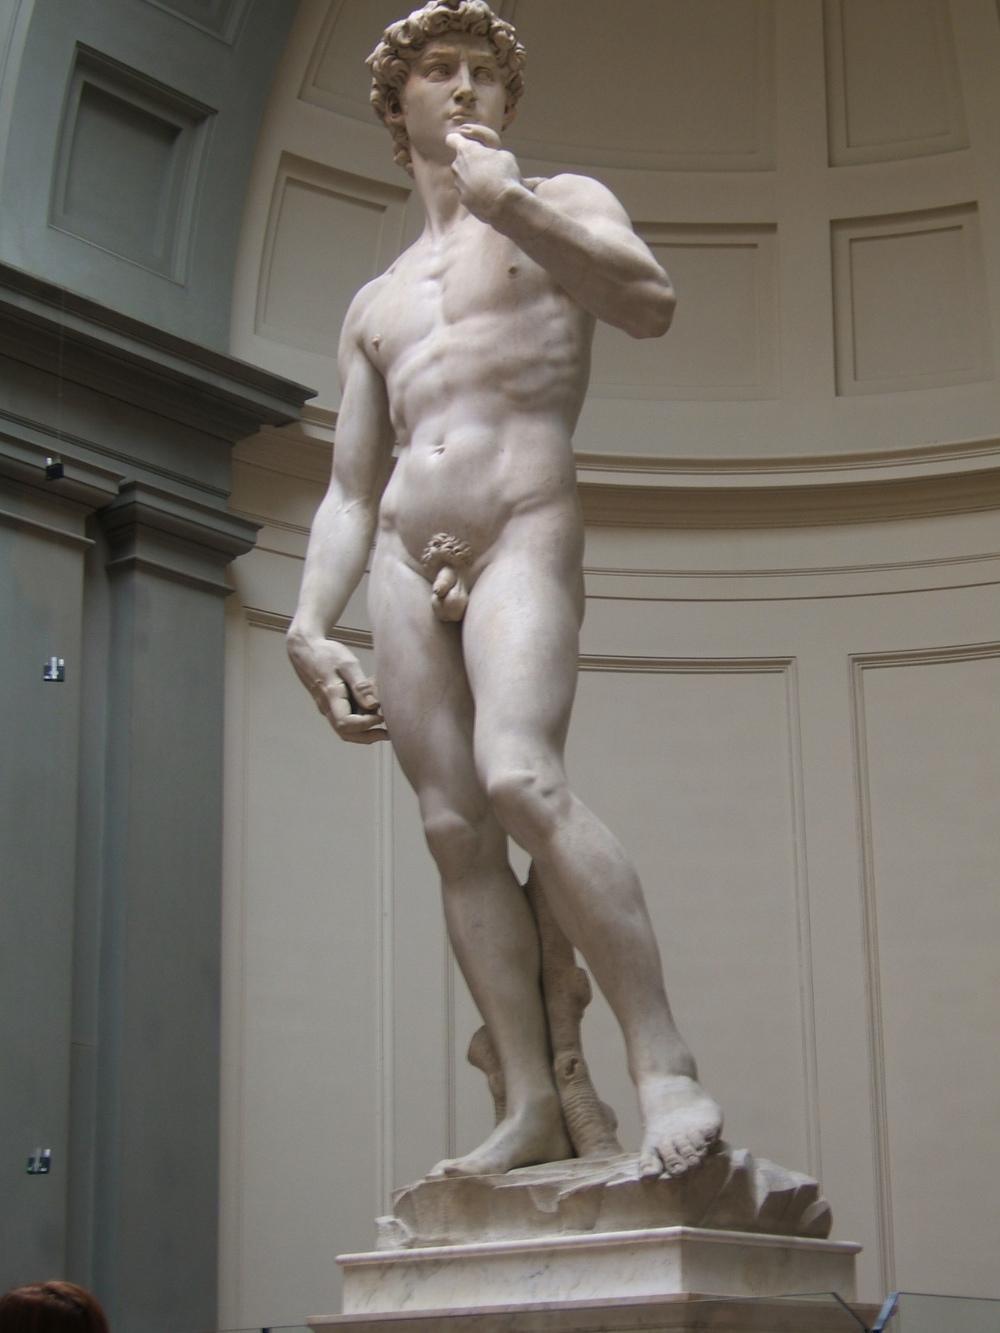 TIPO DE OBRA:Escultura. TÍTULO:ELDavid. LOCALIZACIÓN:Galería de la Academia. Florencia (Italia). Hasta 1947 la escultura estuvo situada en la Plaza de la Señoría de la misma ciudad, donde ahora puede contemplarse una copia. AUTOR:Miguel Ángel Buonarroti (1475-1564). FECHA:1501-1504 ESTILO: Renacimiento italiano. Cinquecento. Escultura.